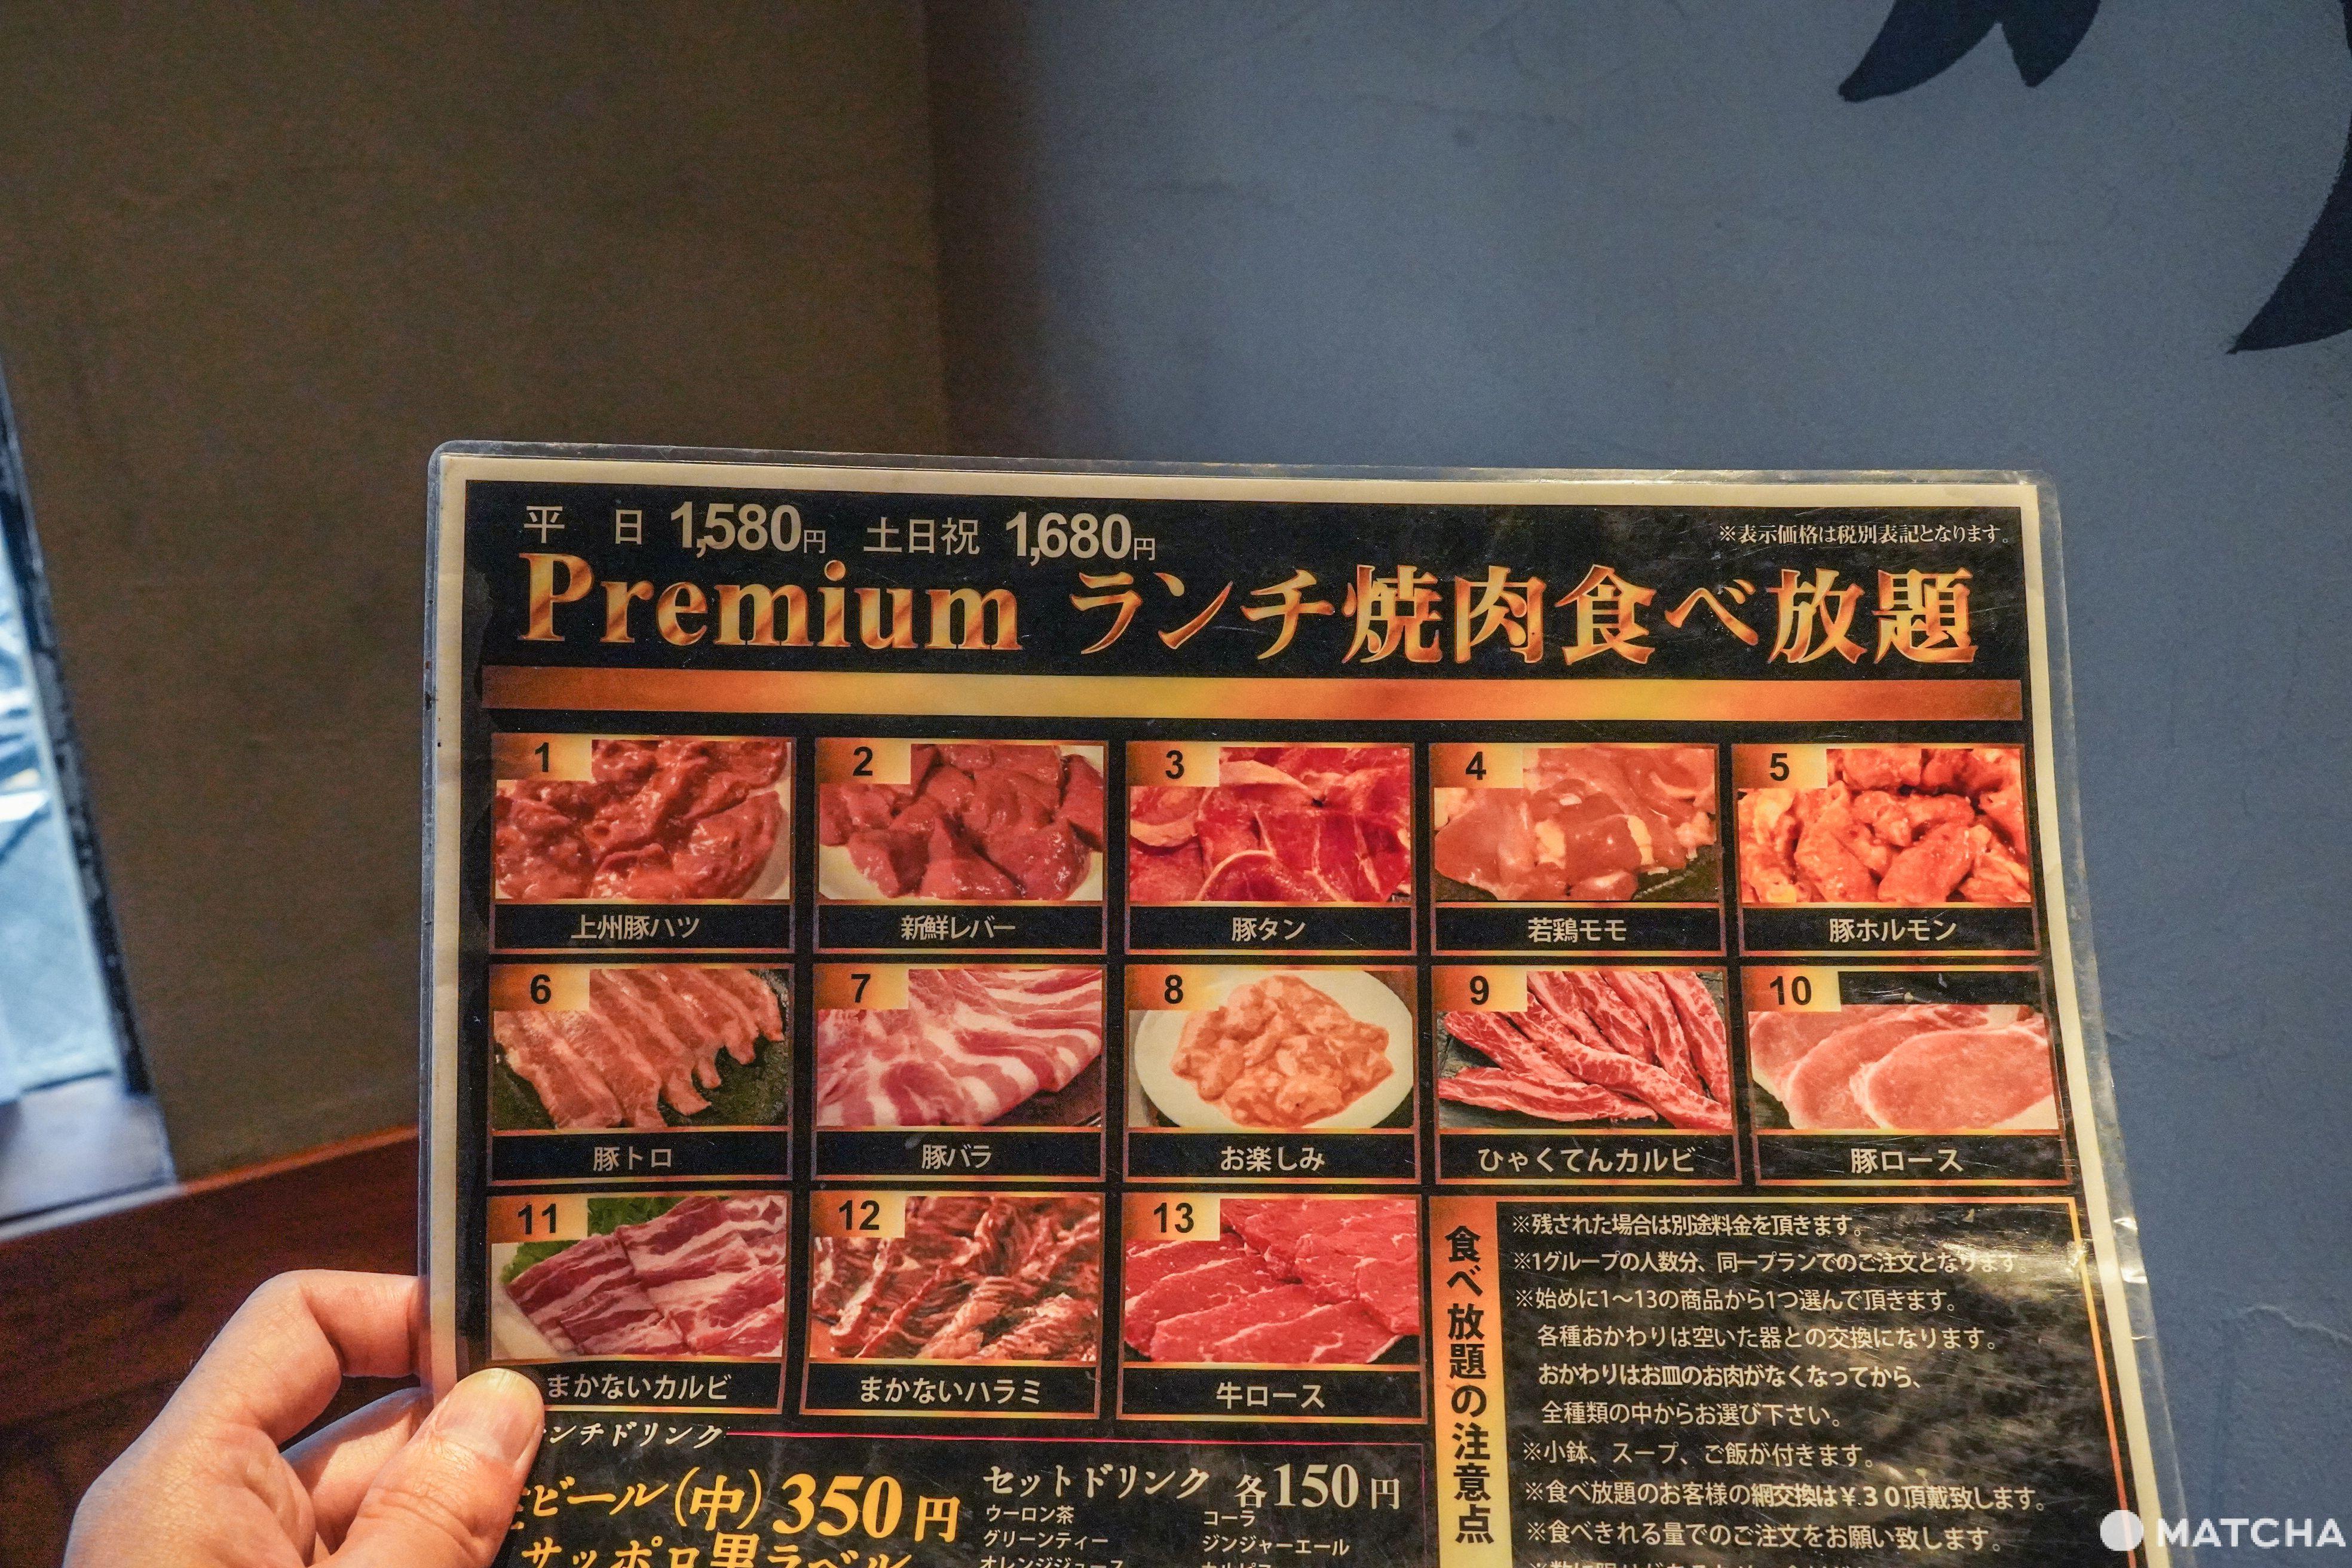 東京美食燒肉吃到飽_豪德寺ひゃくてん_吃到飽午餐方案